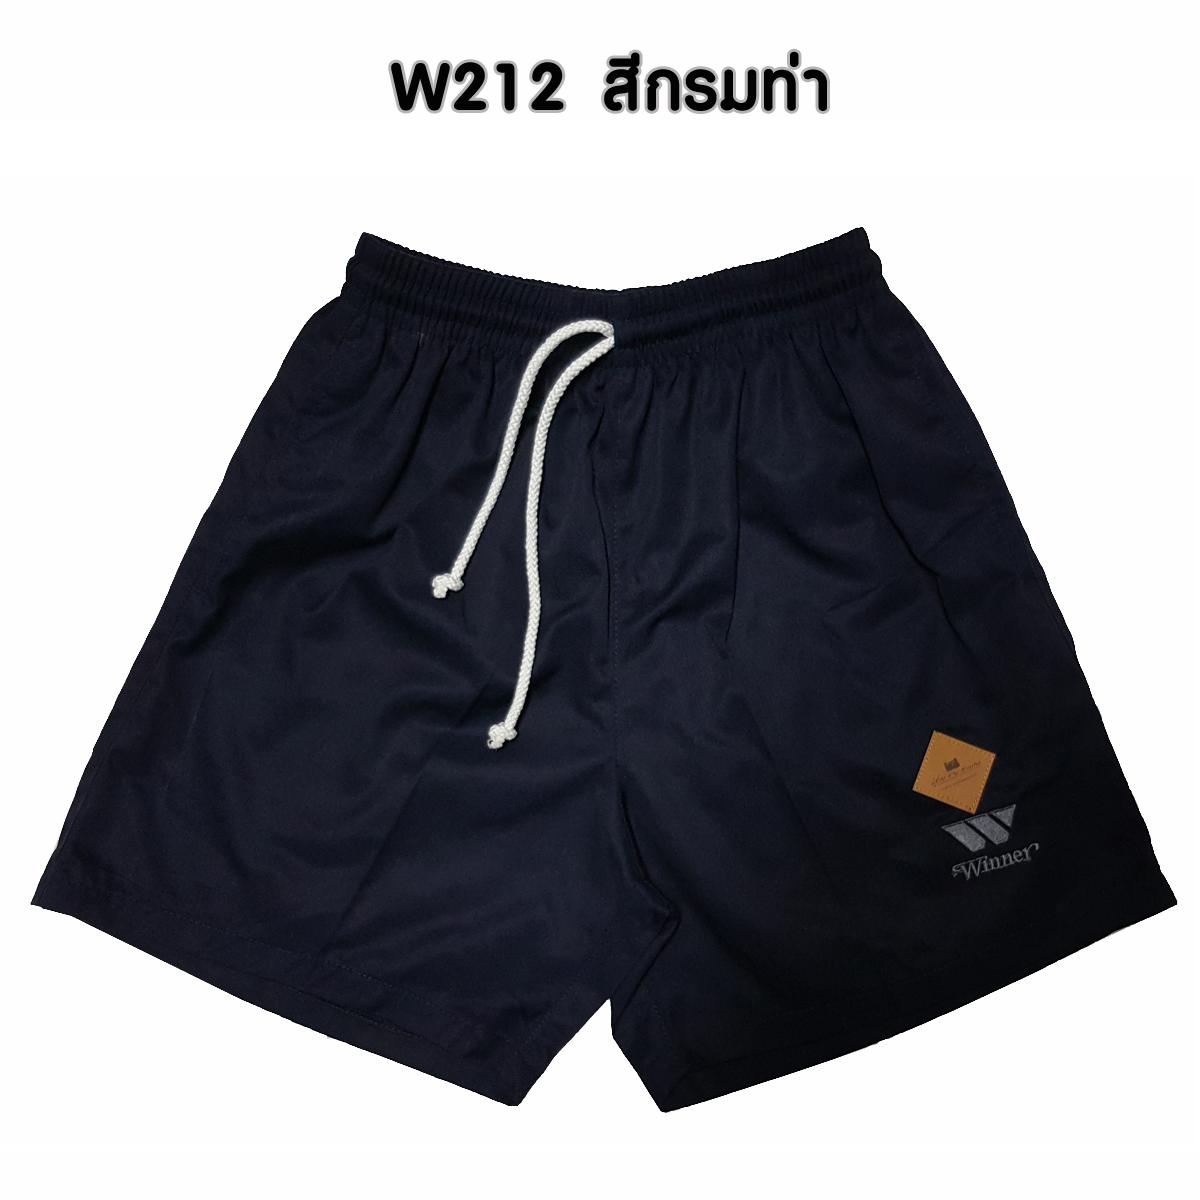 กางเกงขาสั้น SPORT รหัสW212 สีกรมท่า